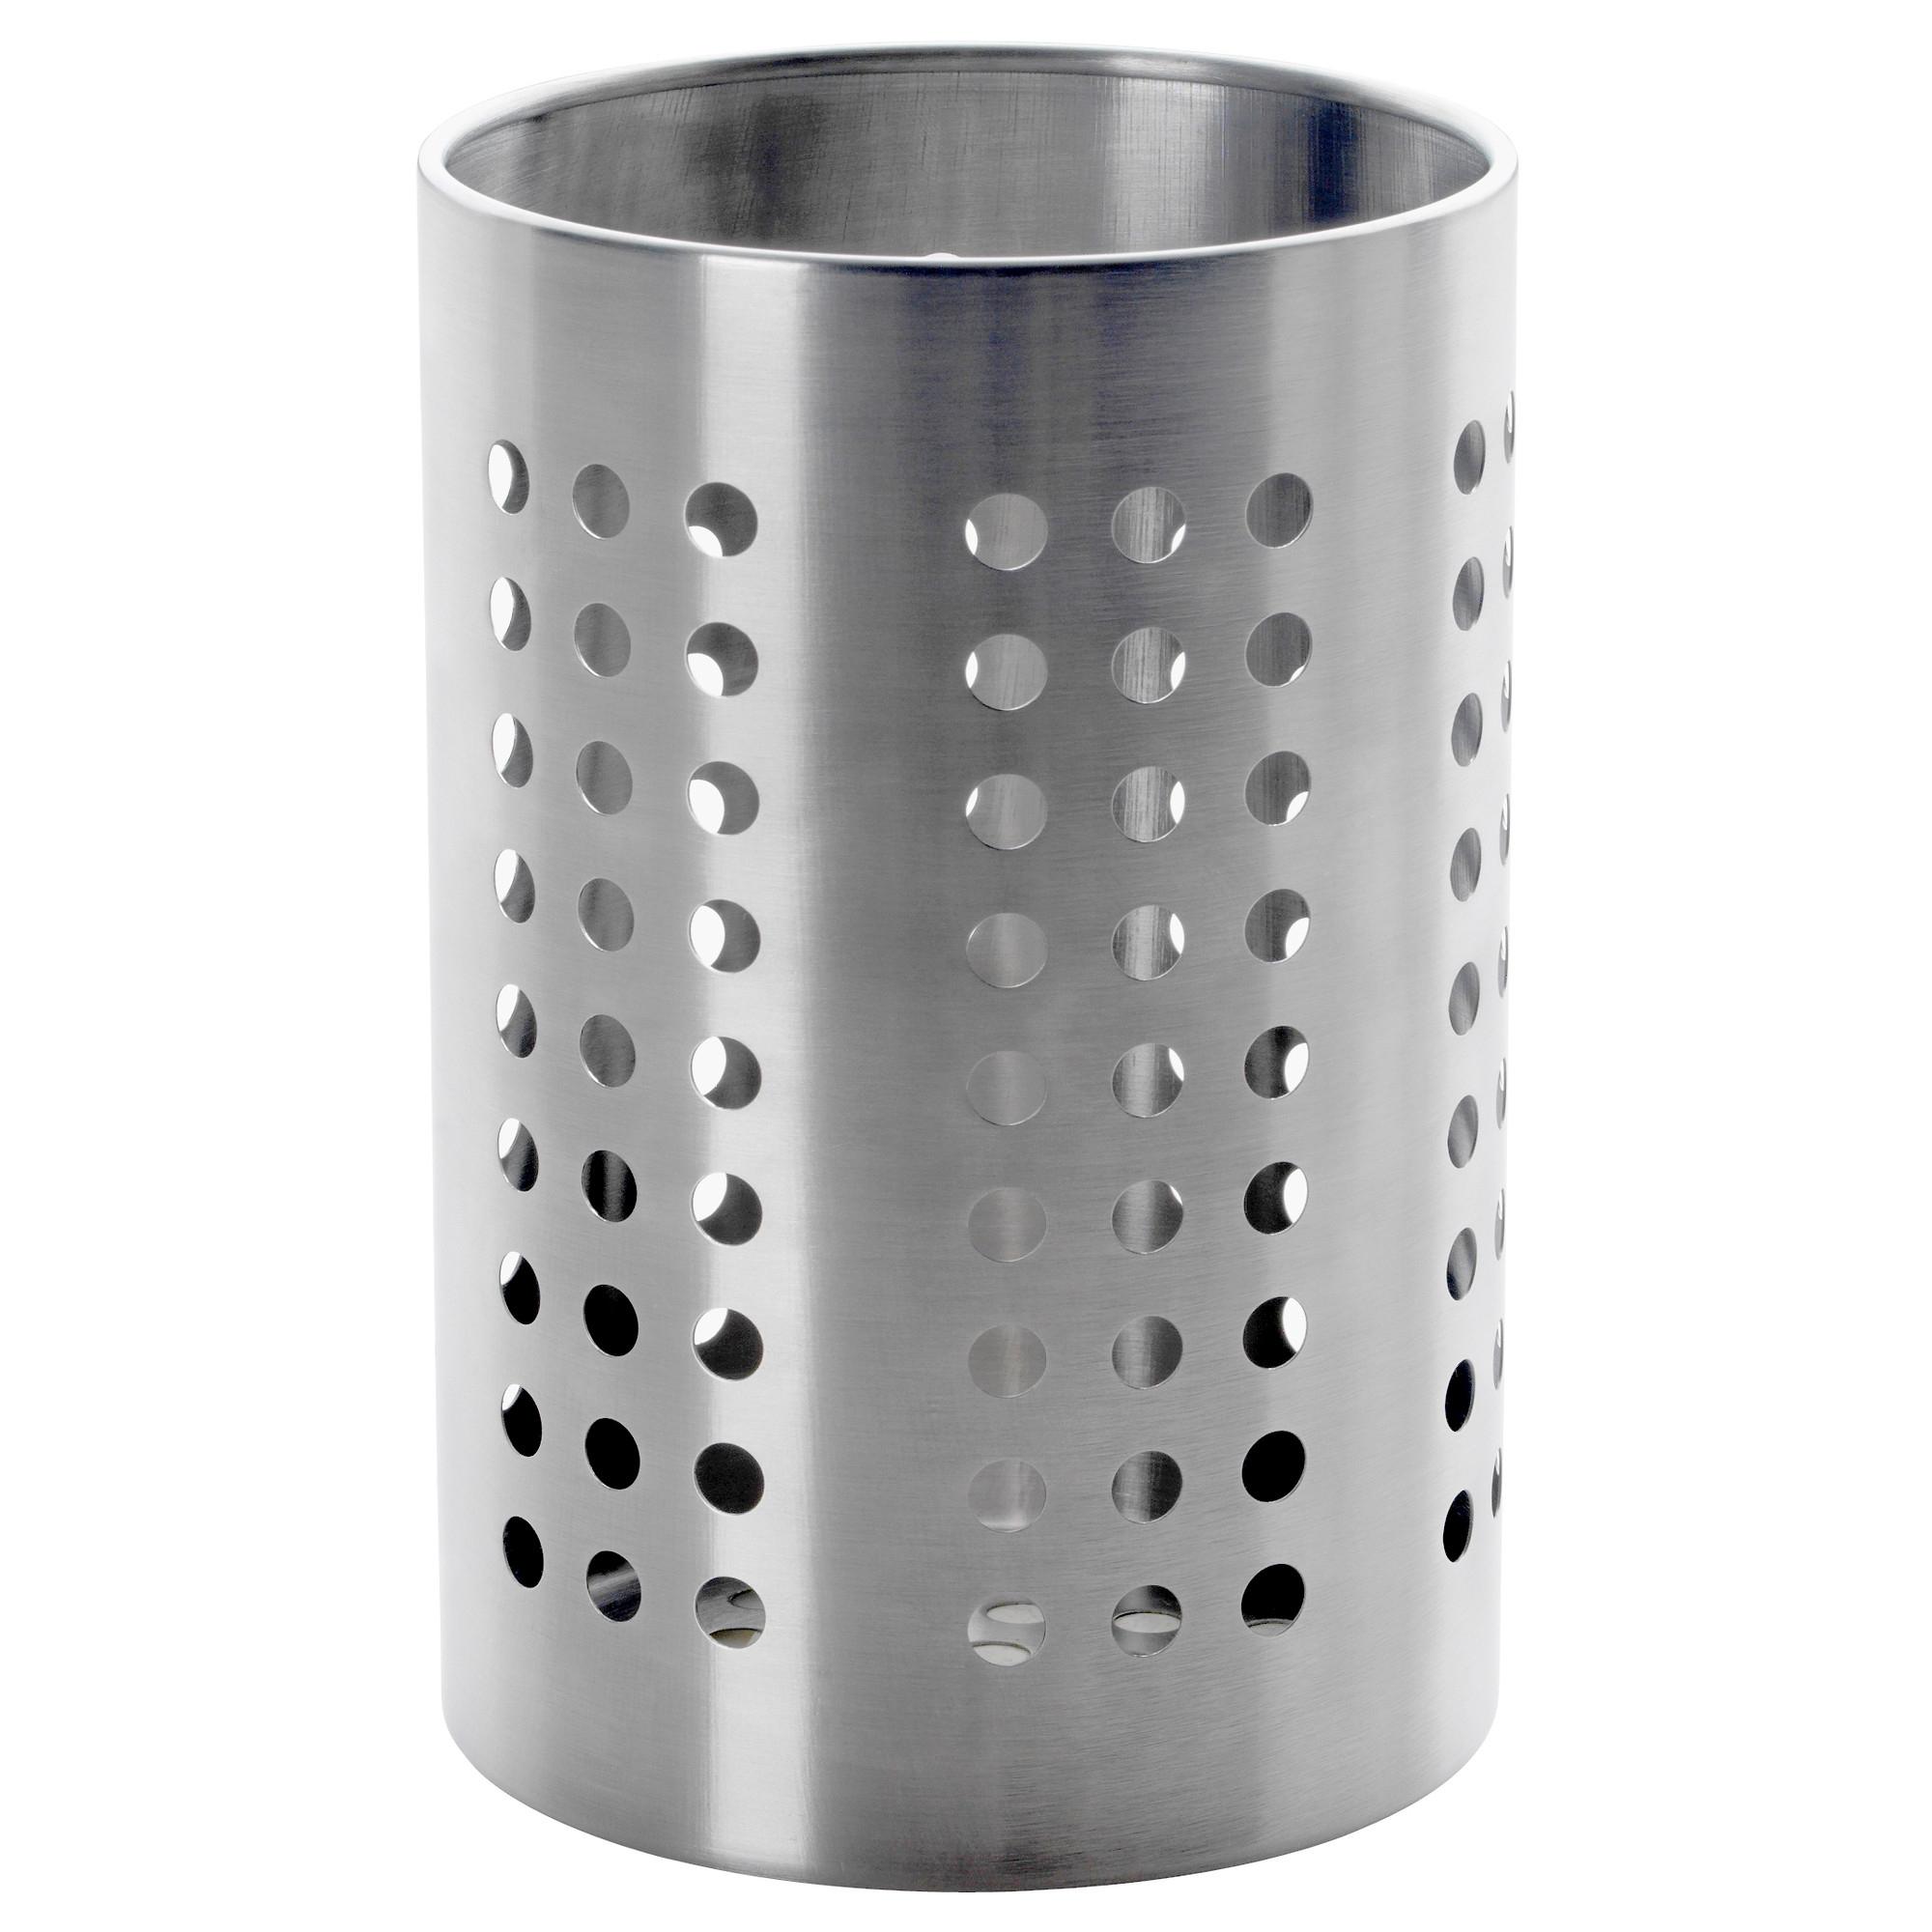 ordning kitchen utensil rack - article